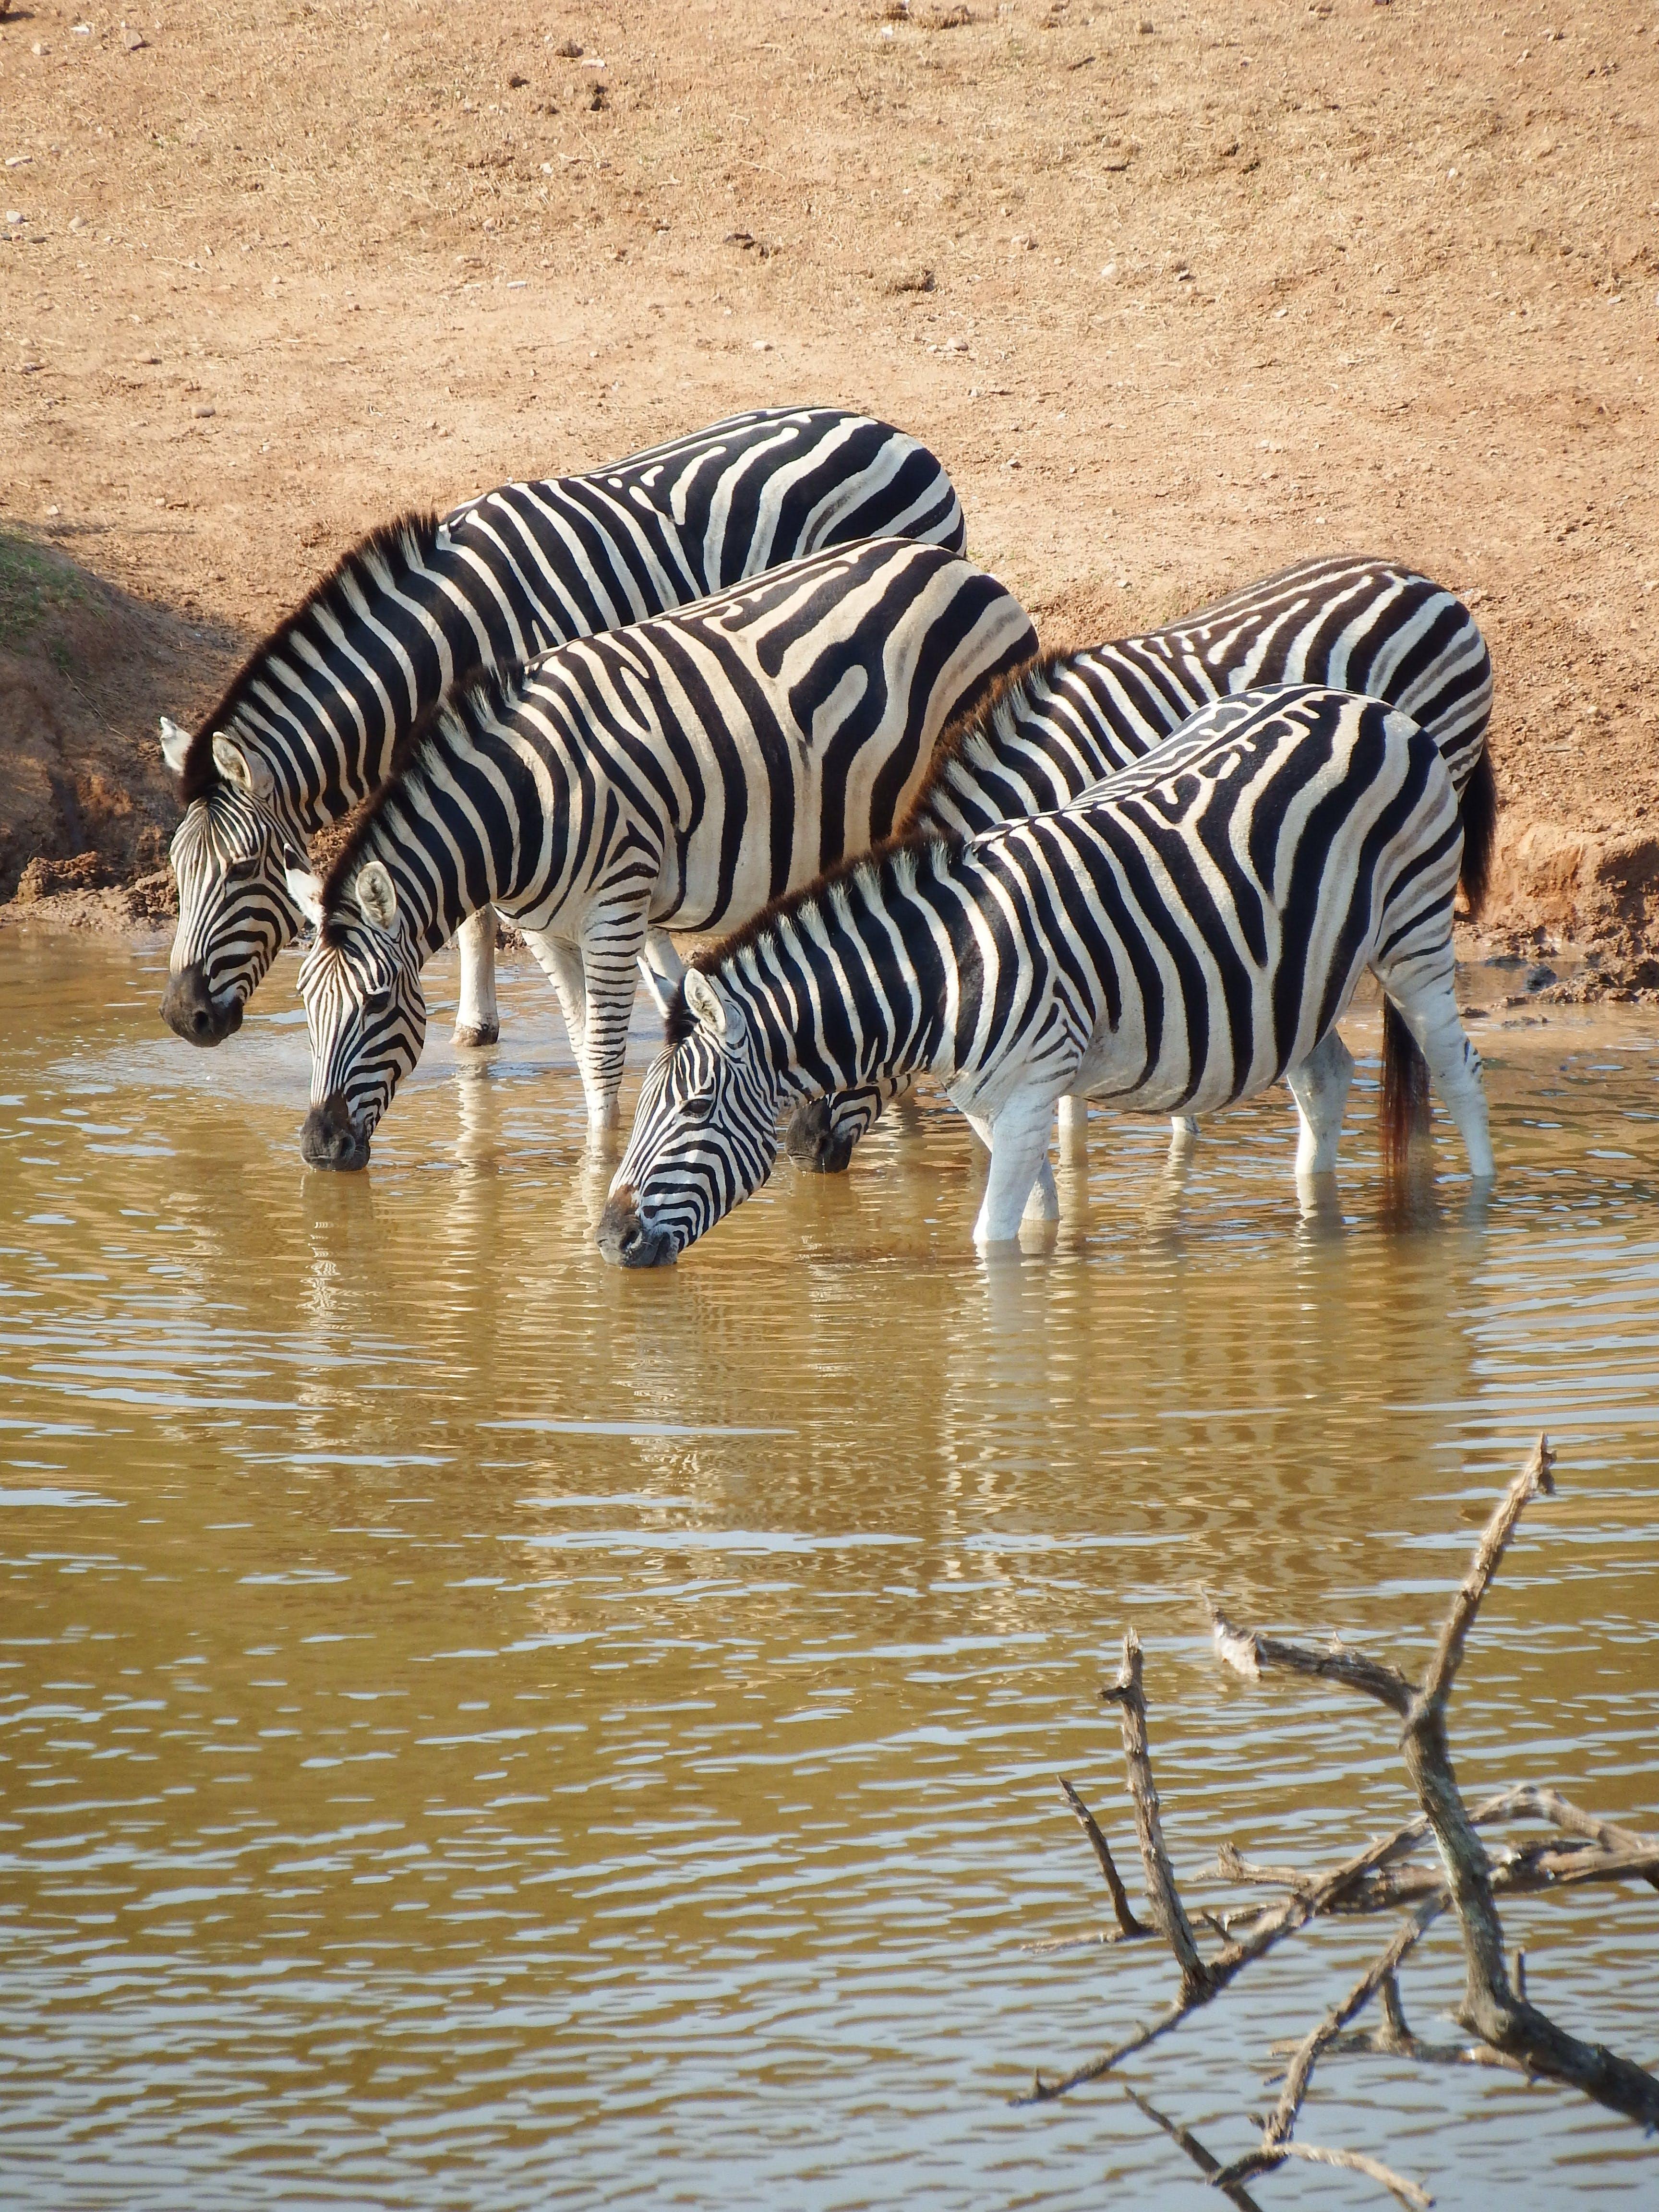 Herd of Zebra on Body of Water